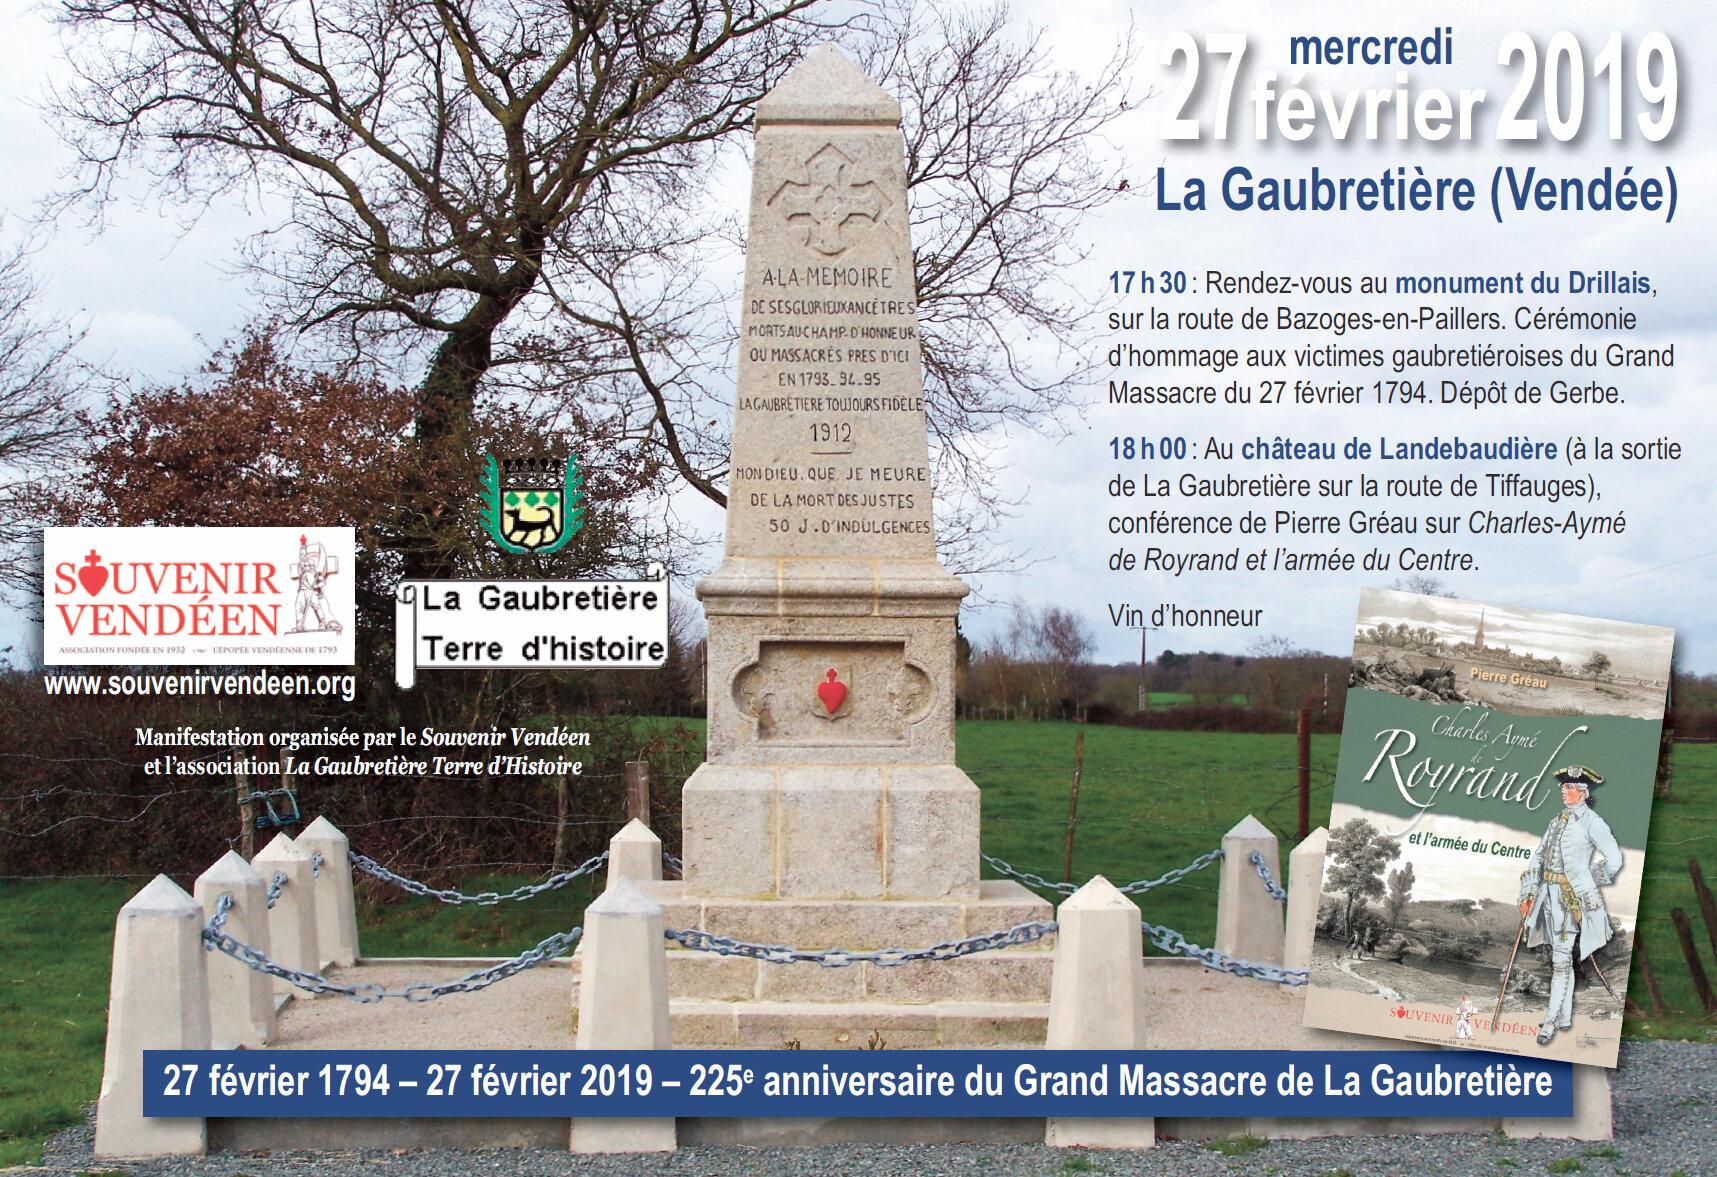 225e anniversaire du Grand Massacre de La Gaubretière